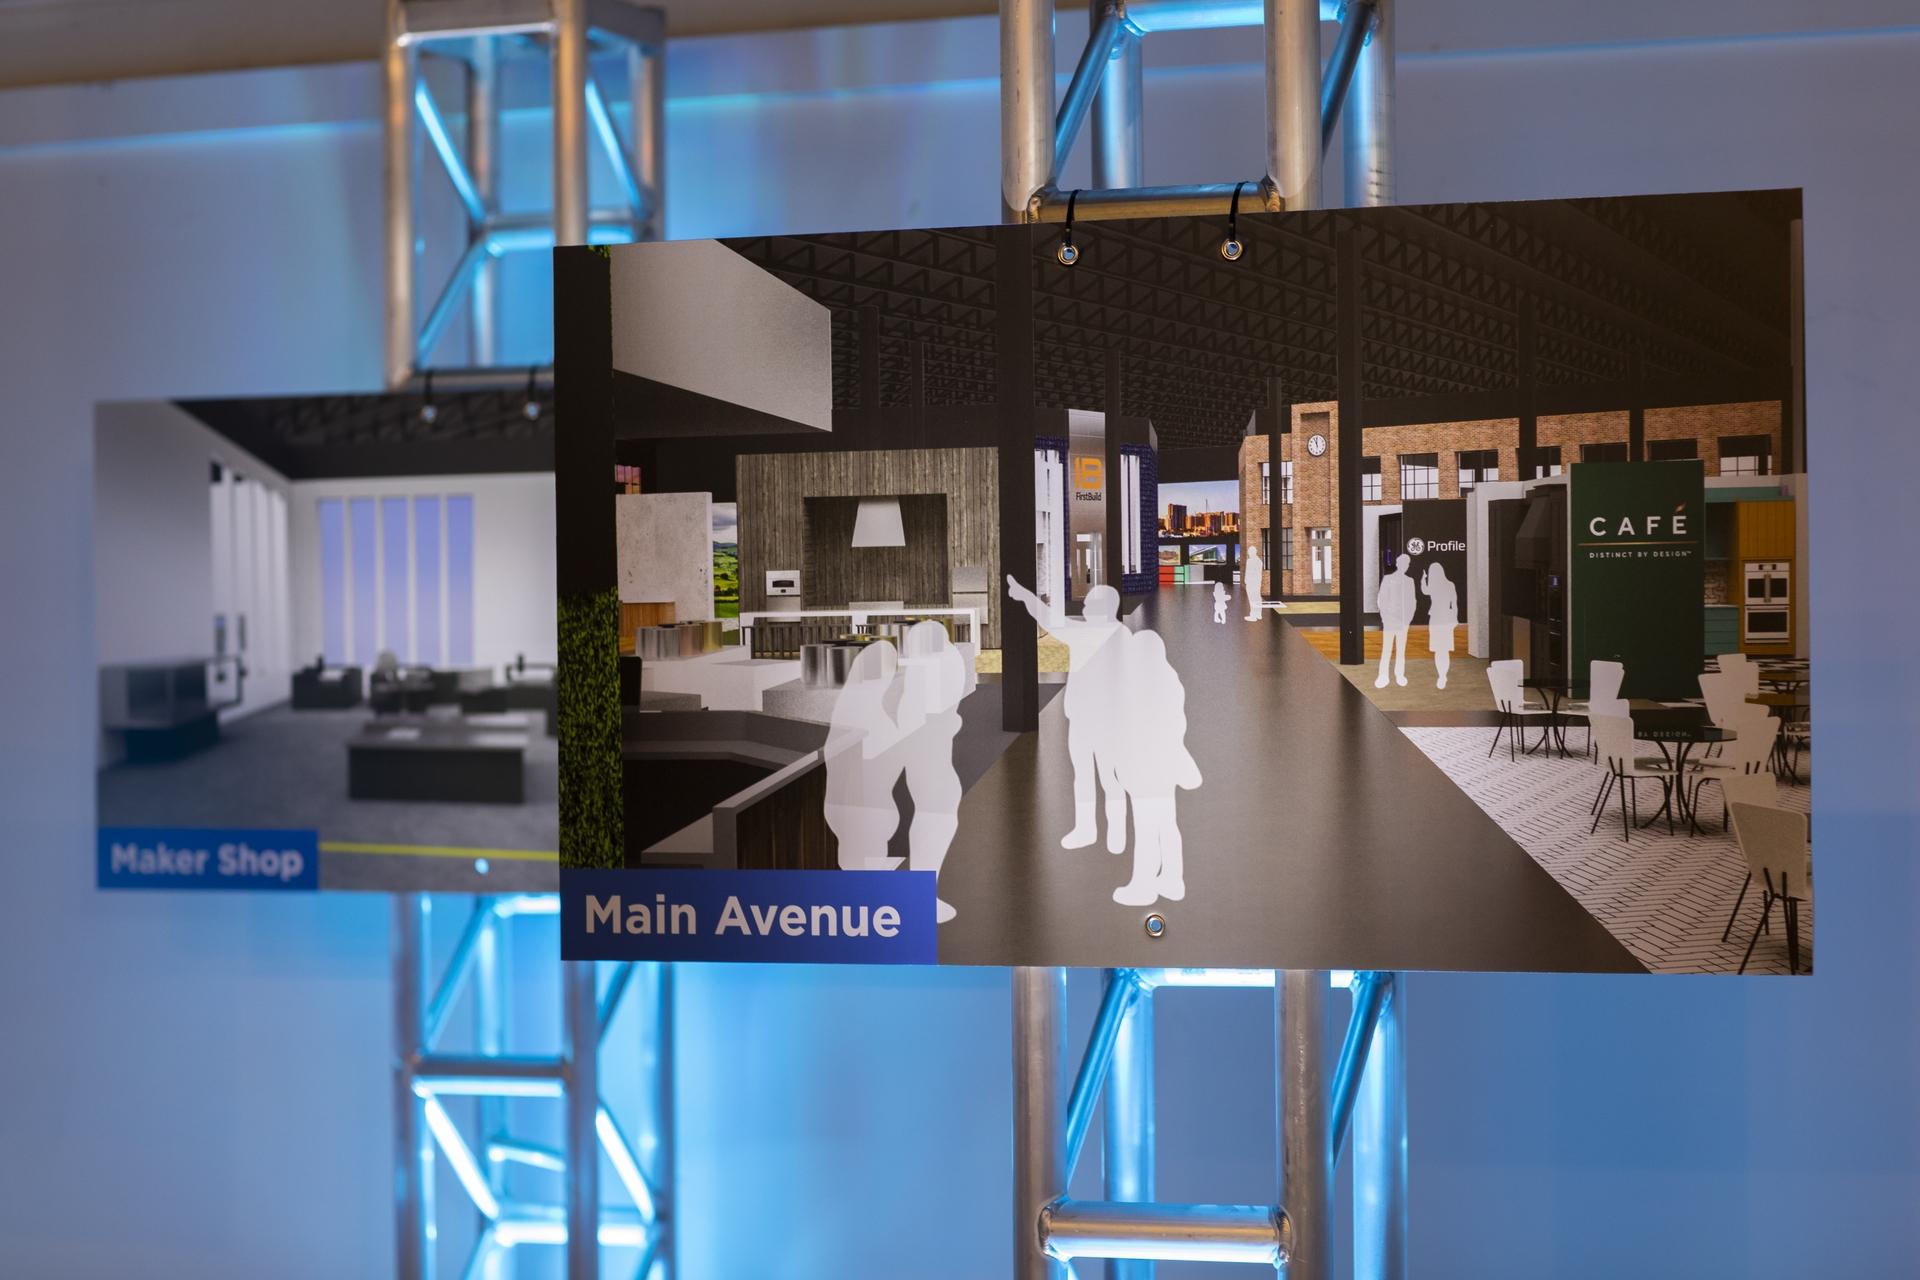 CoCREATE Stamford renderings